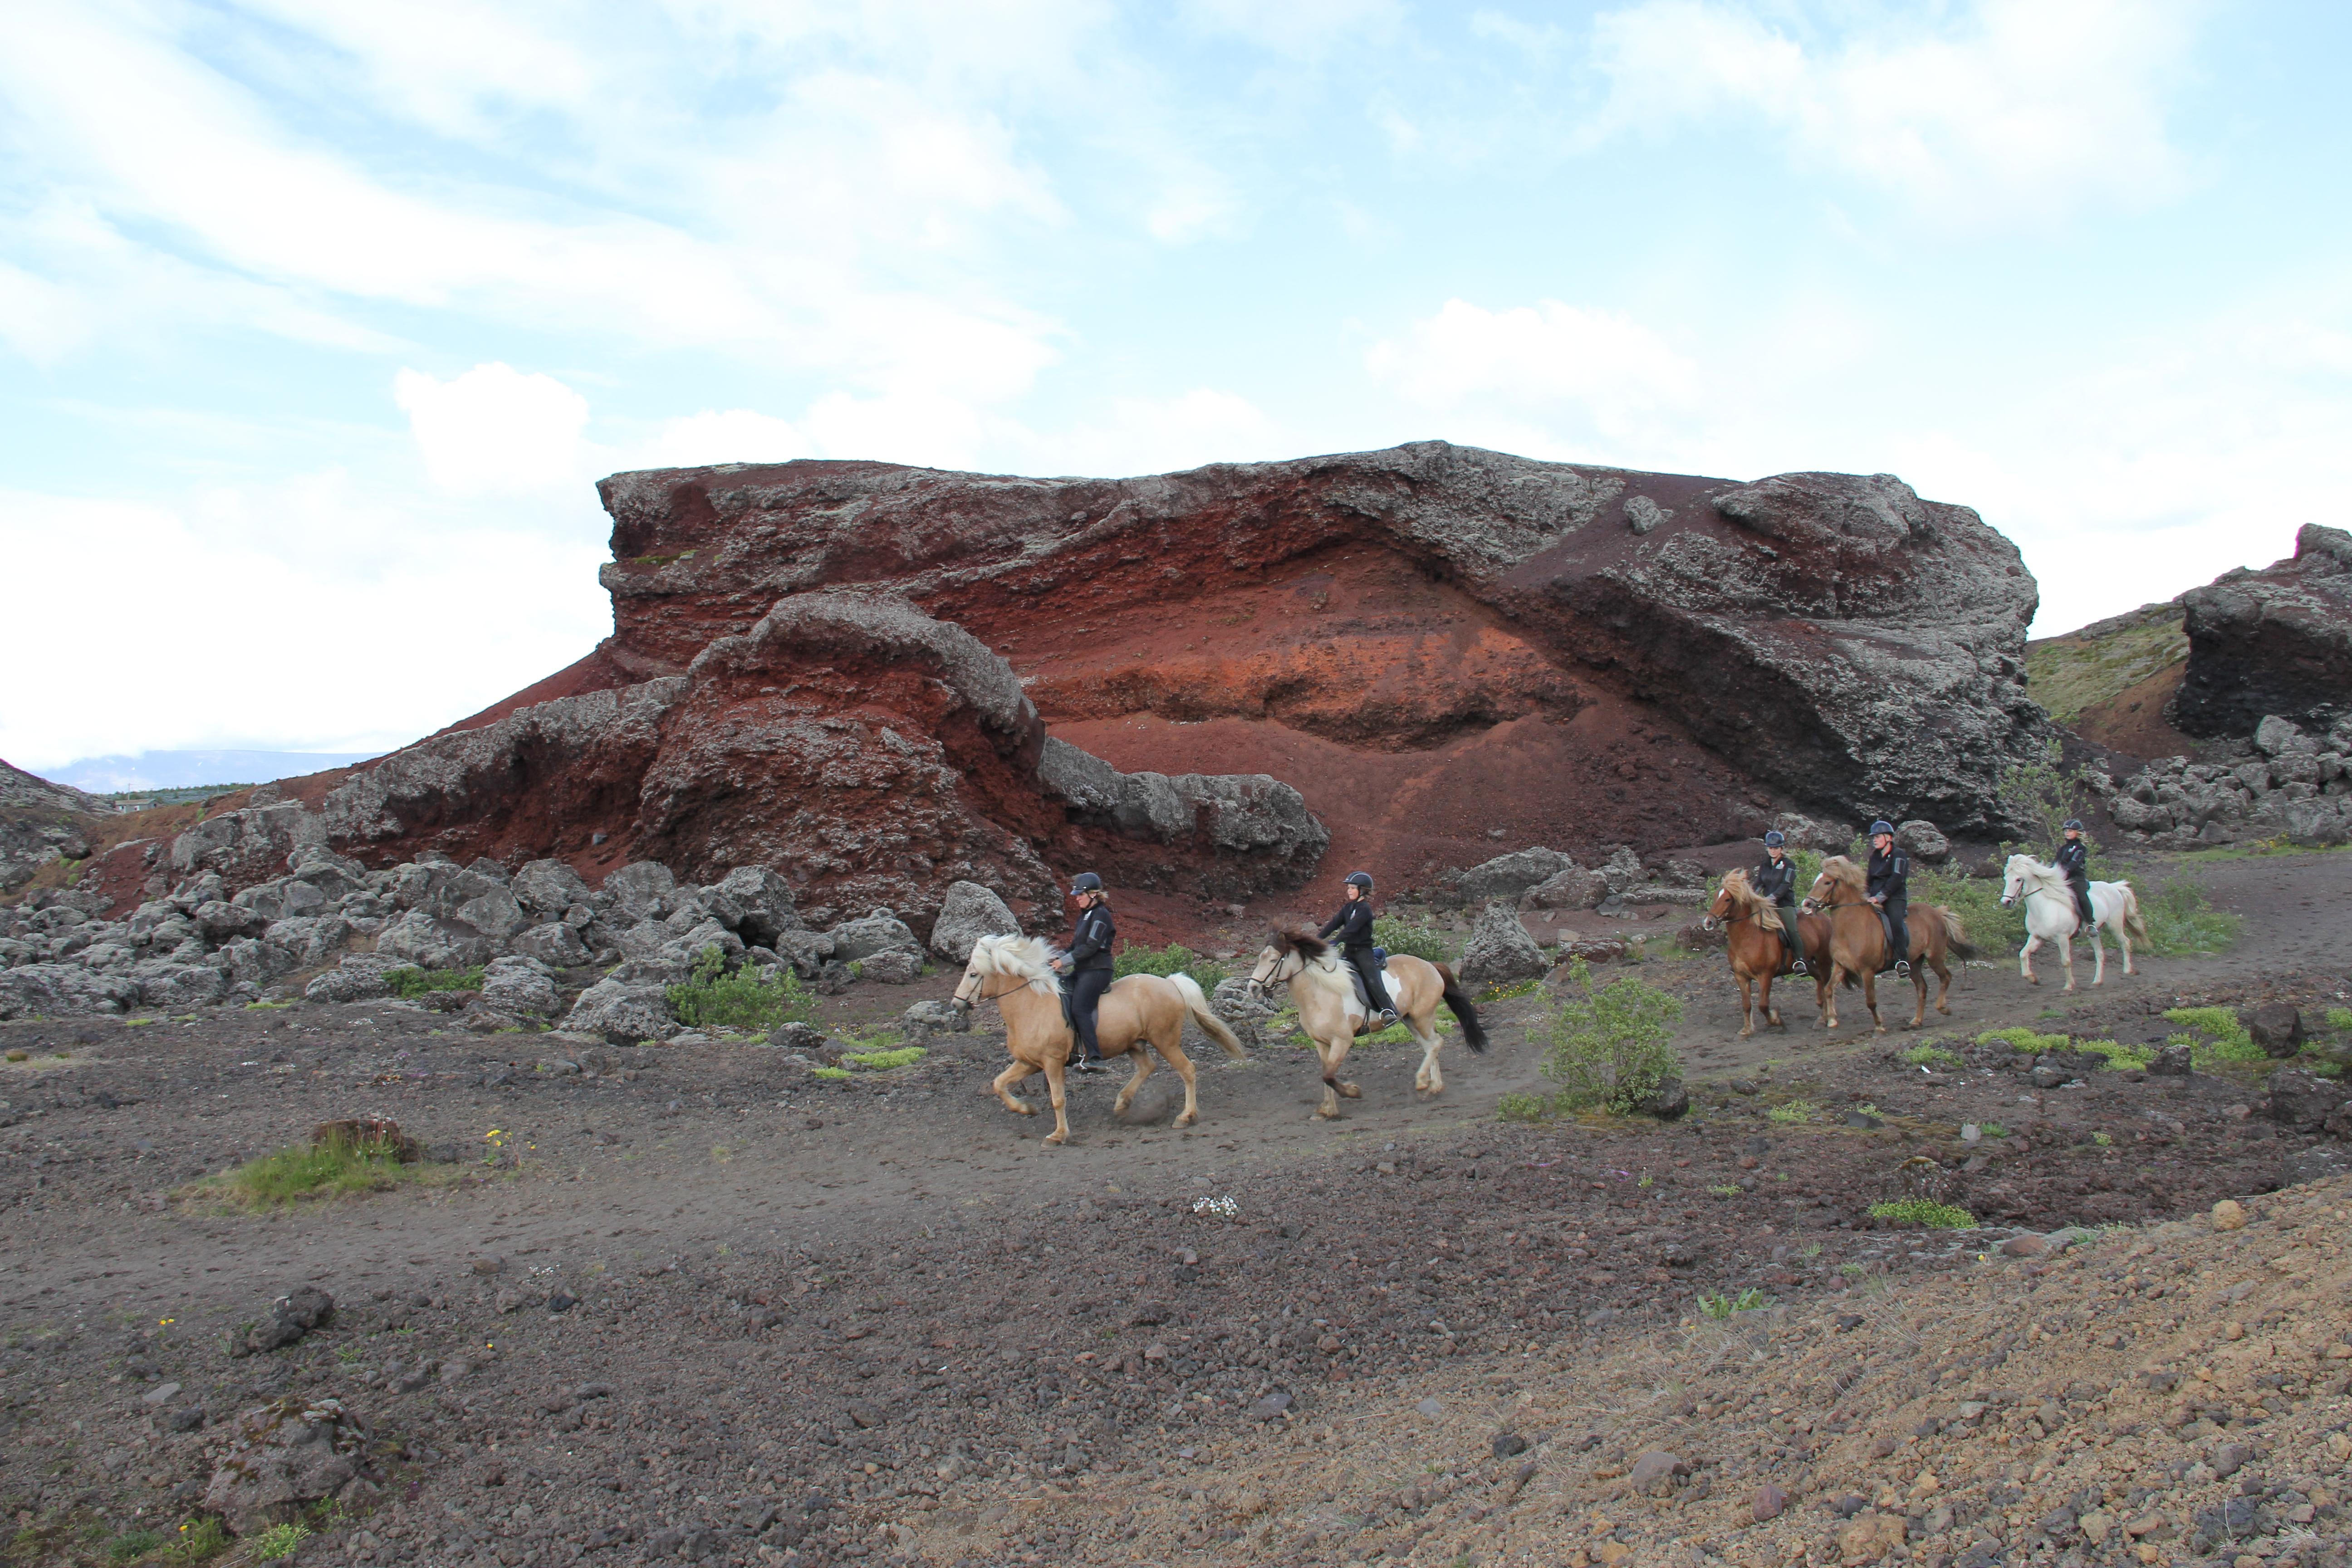 Turen på hesteryggen gjennom det vulkanske landskapet fører deg gjennom et nærmest overjordisk månelandskap rett utenfor Reykjavík.